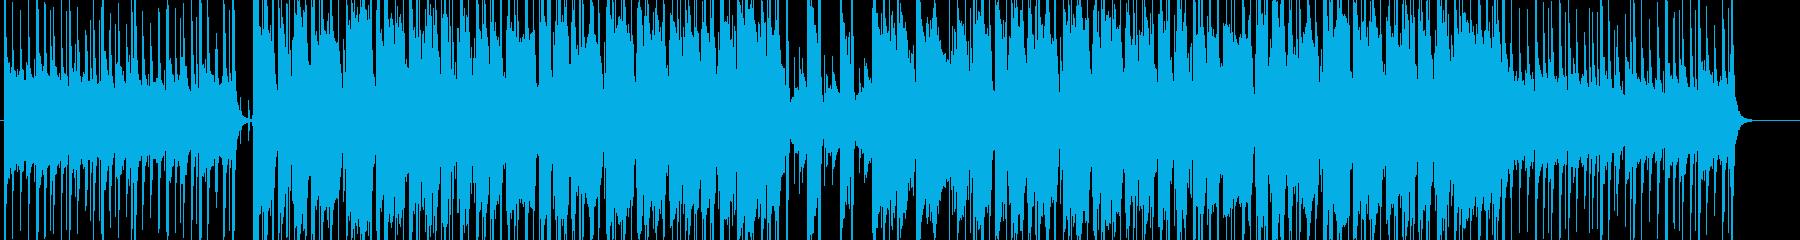 夕空を思わせる優しいBGMの再生済みの波形